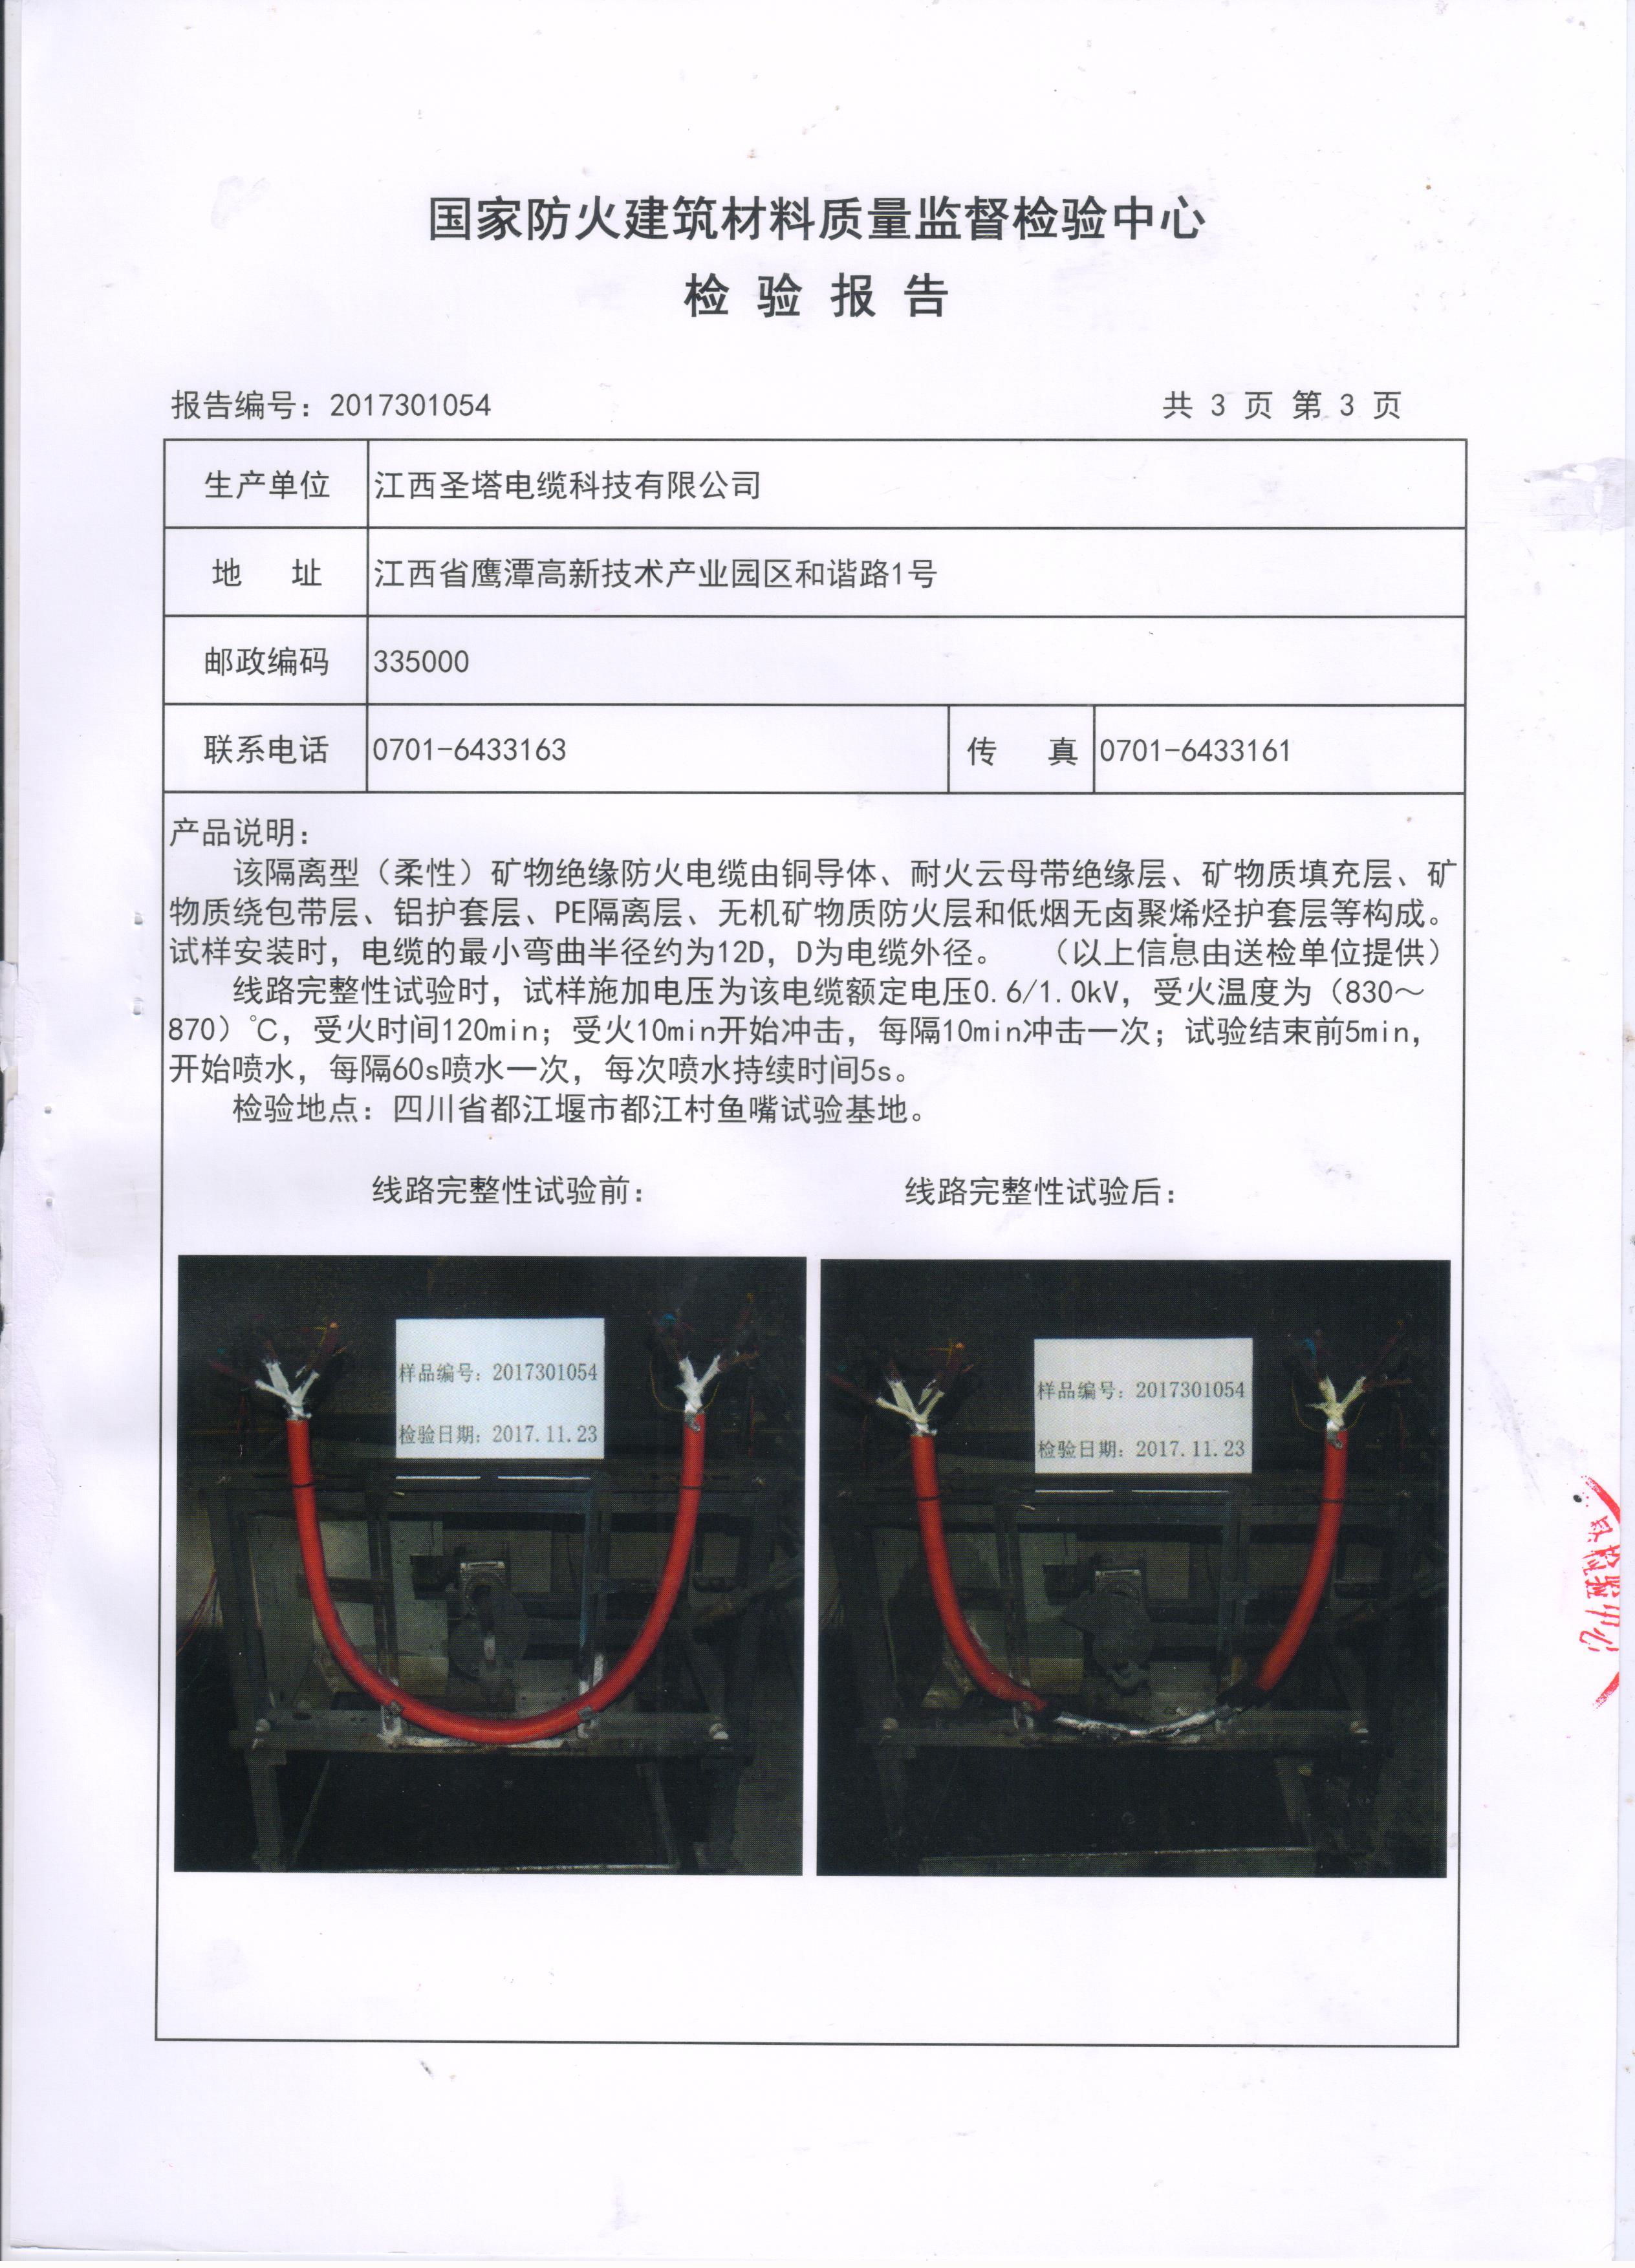 NG-A(BTLY)检测陈述4 001.jpg